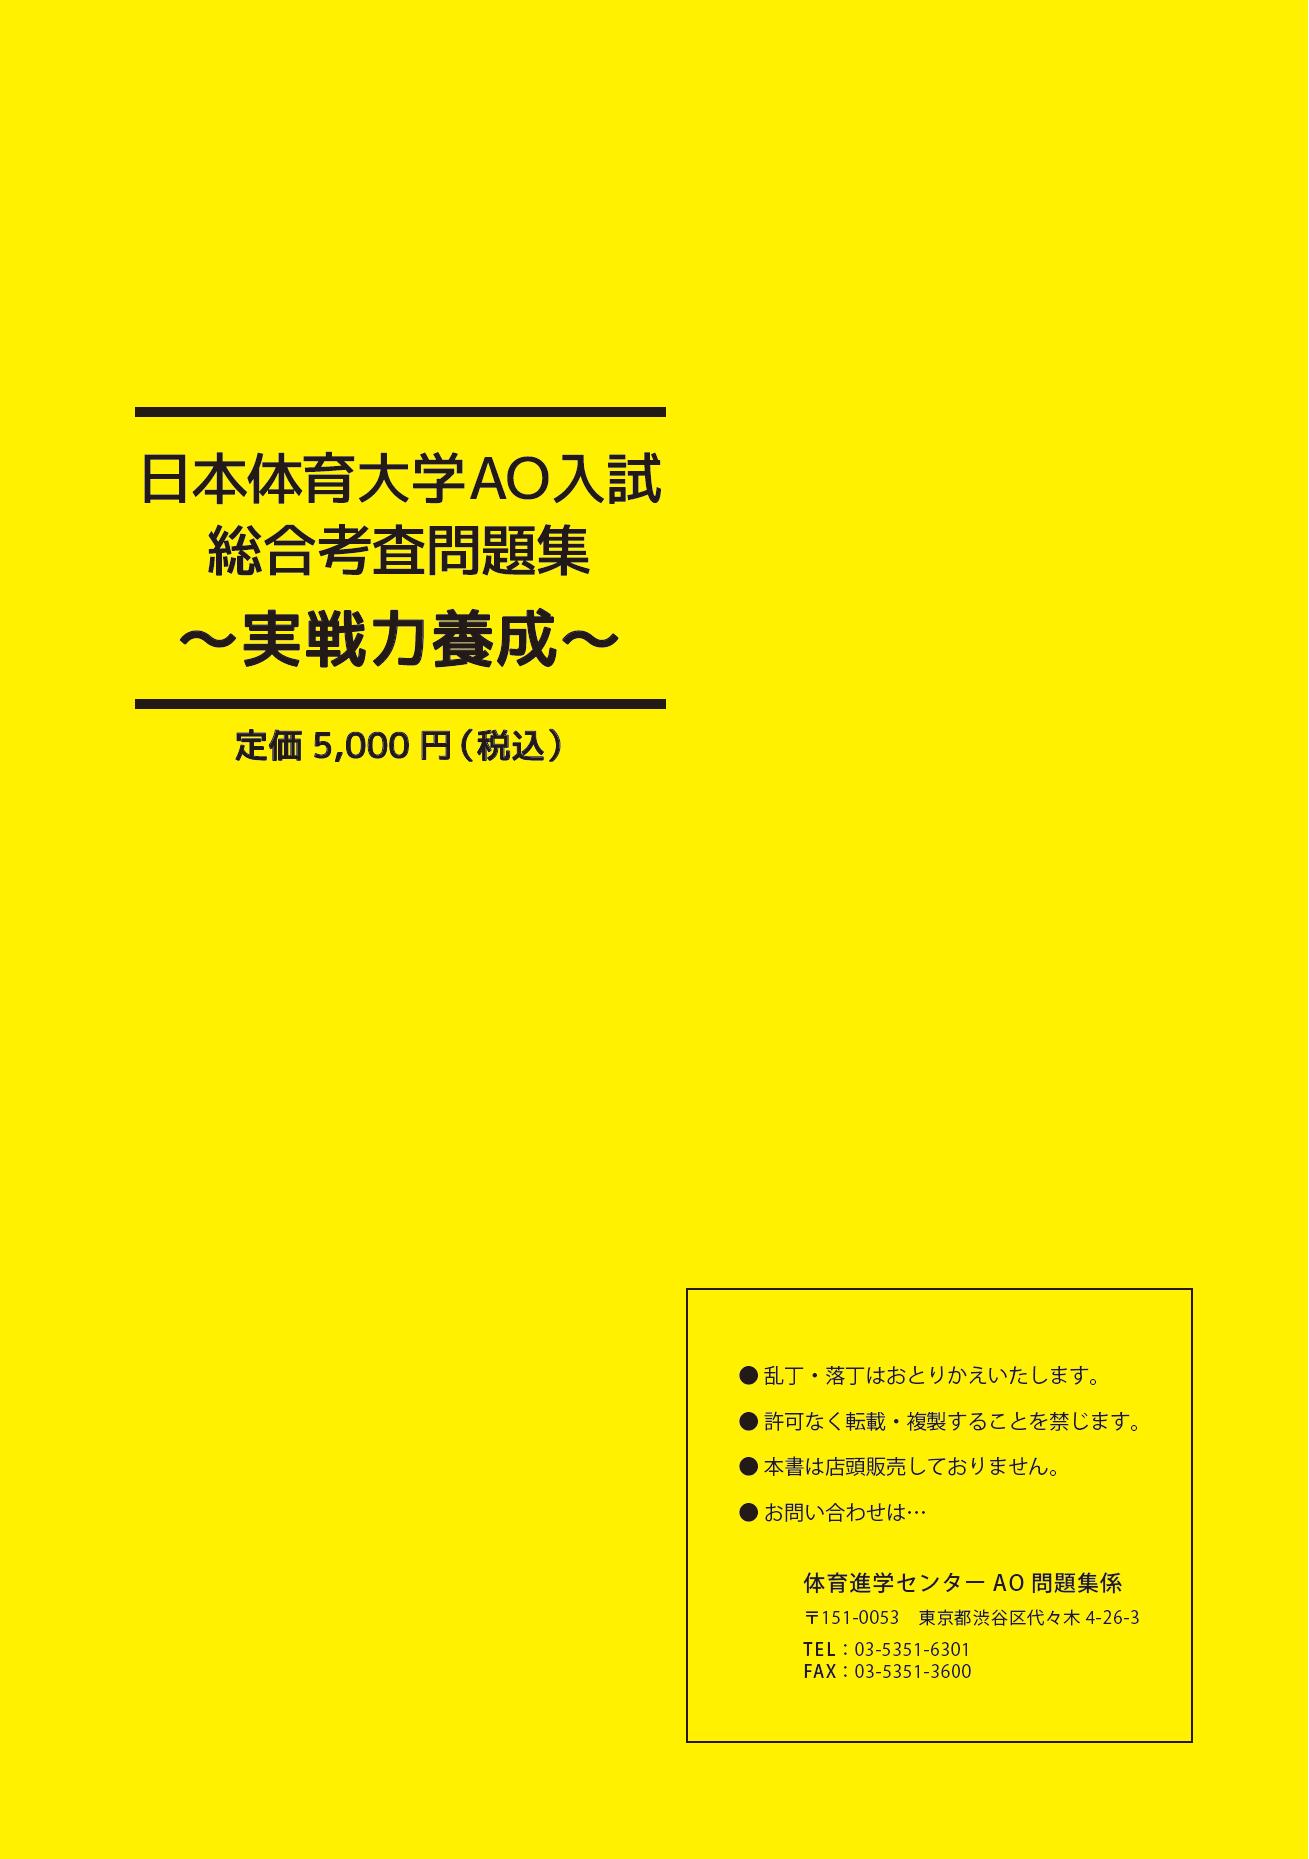 総合考査問題集(実践編)裏表紙.png